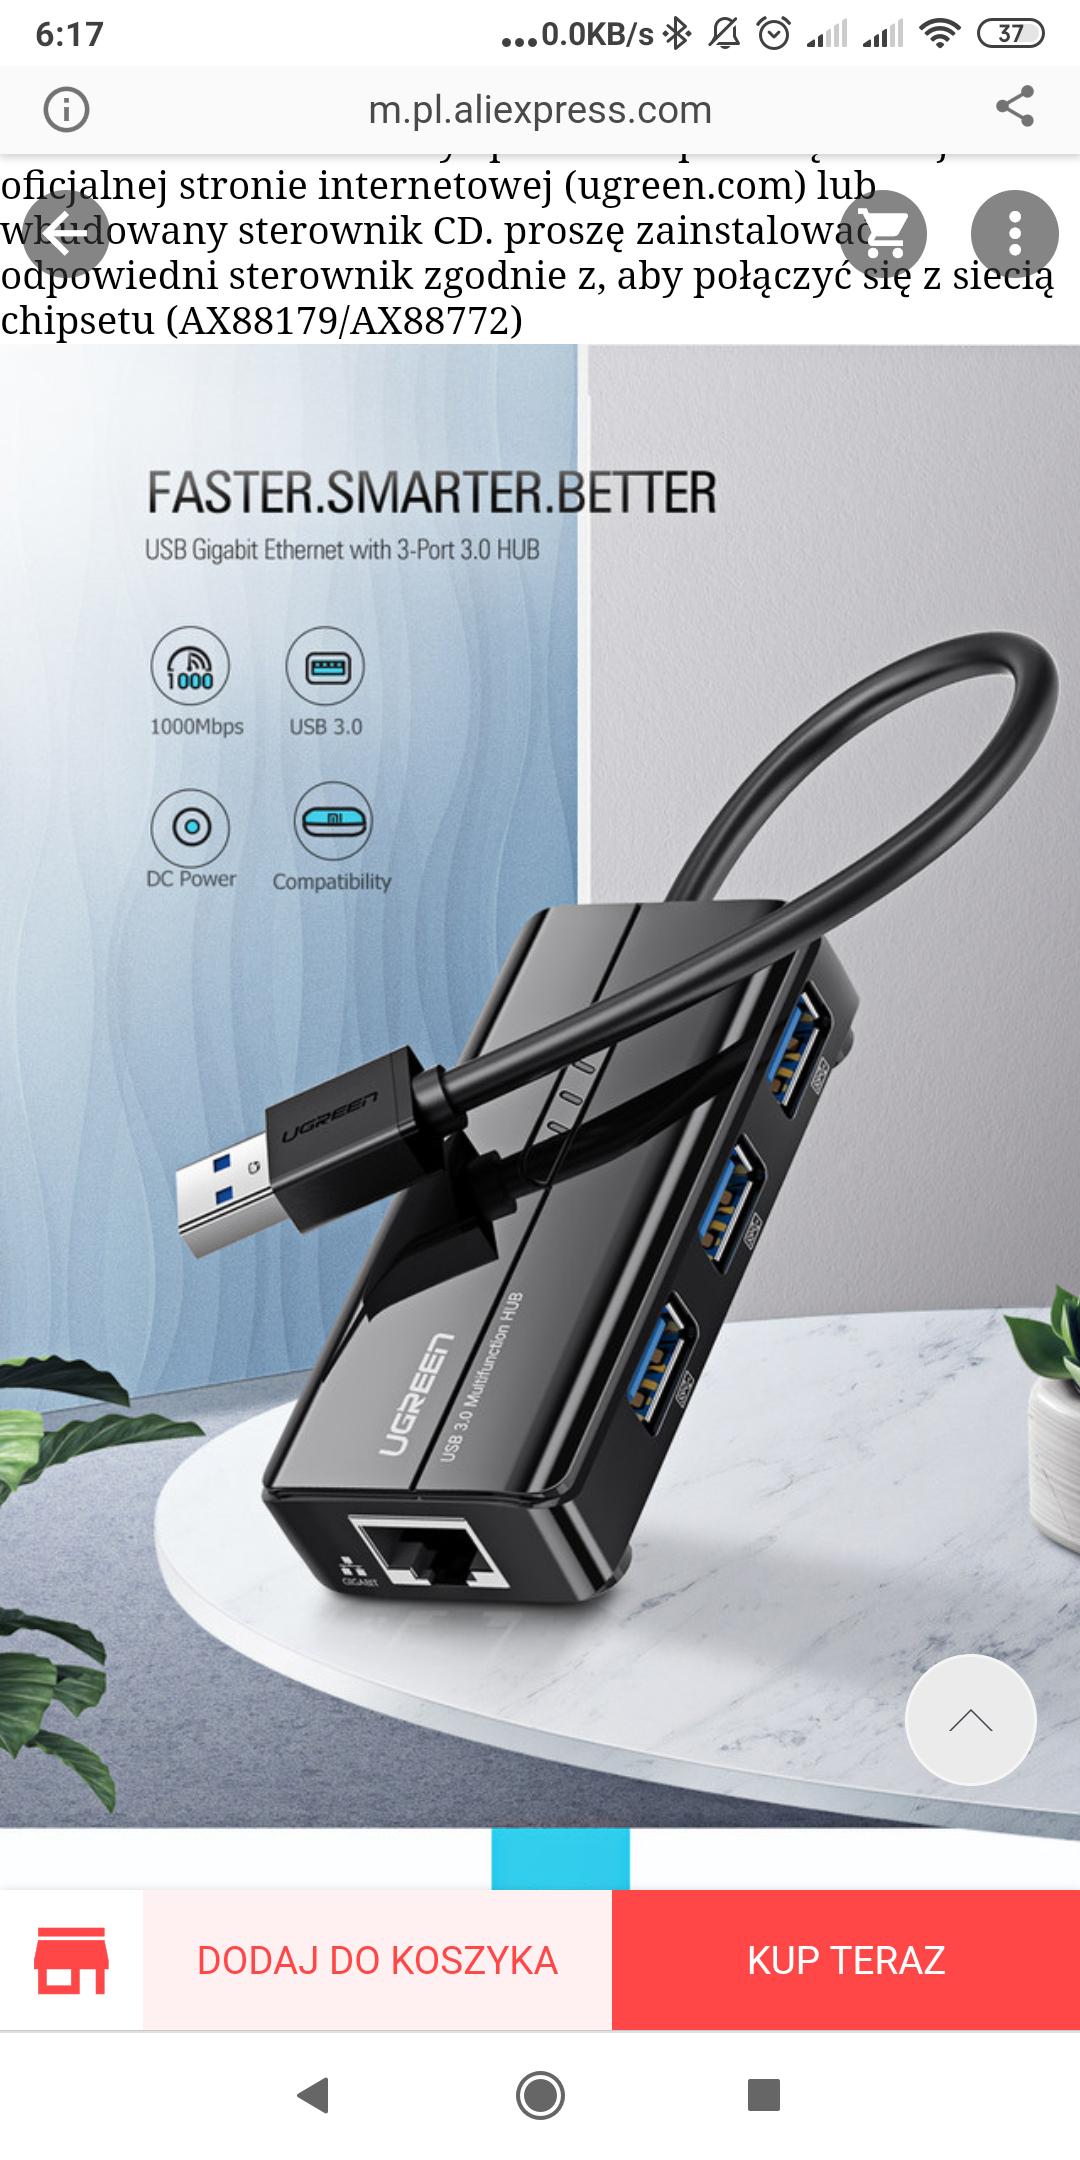 Ugreen USB USB Ethernet 3.0 2.0 RJ45 idealny do Xiaomi mi Box 3/S